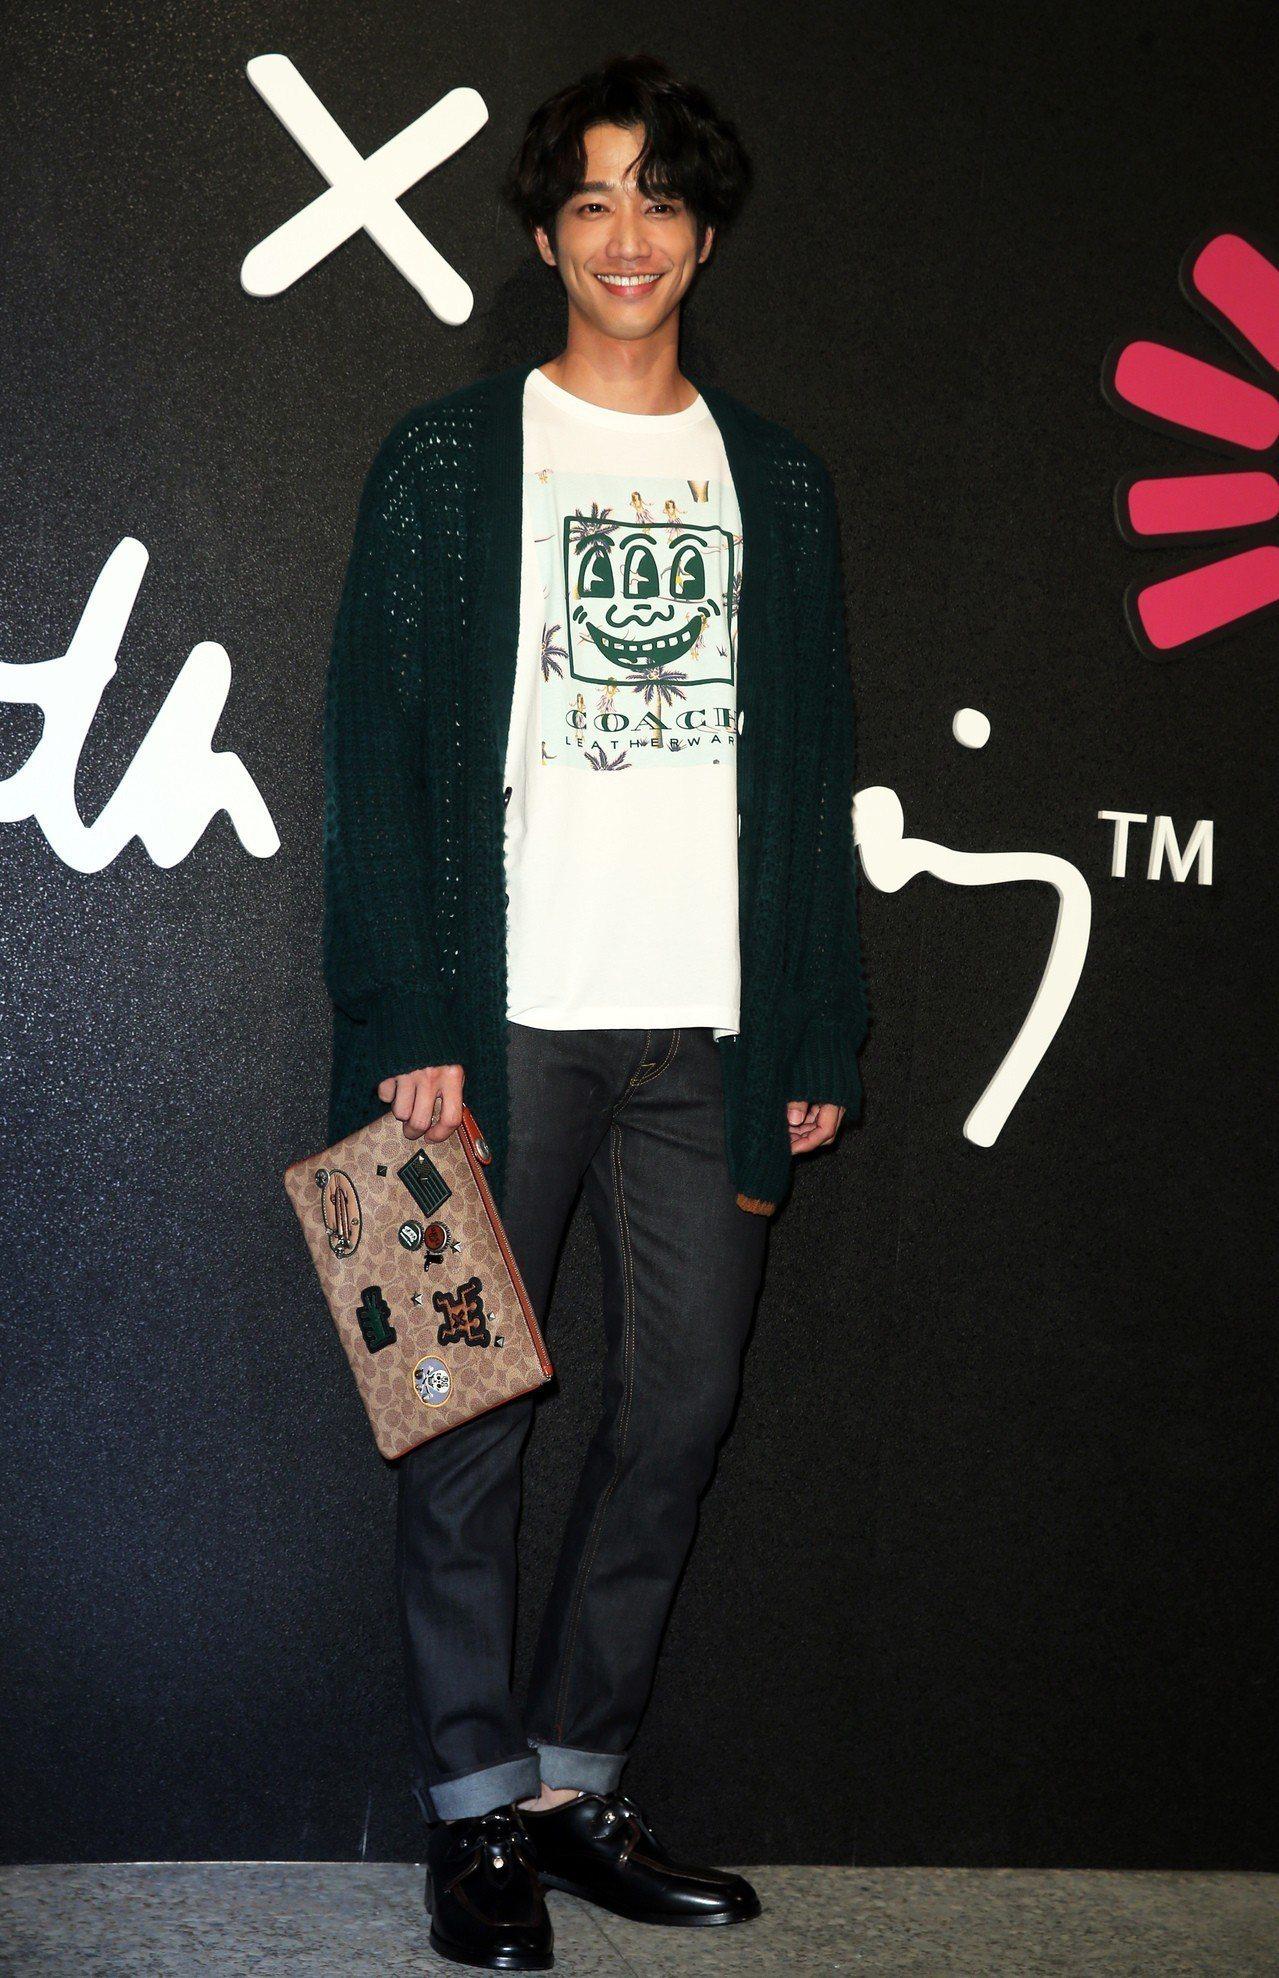 劉以豪穿綠色針織外套23,800元、上衣3,900元、經典丹寧長褲8,900元、...